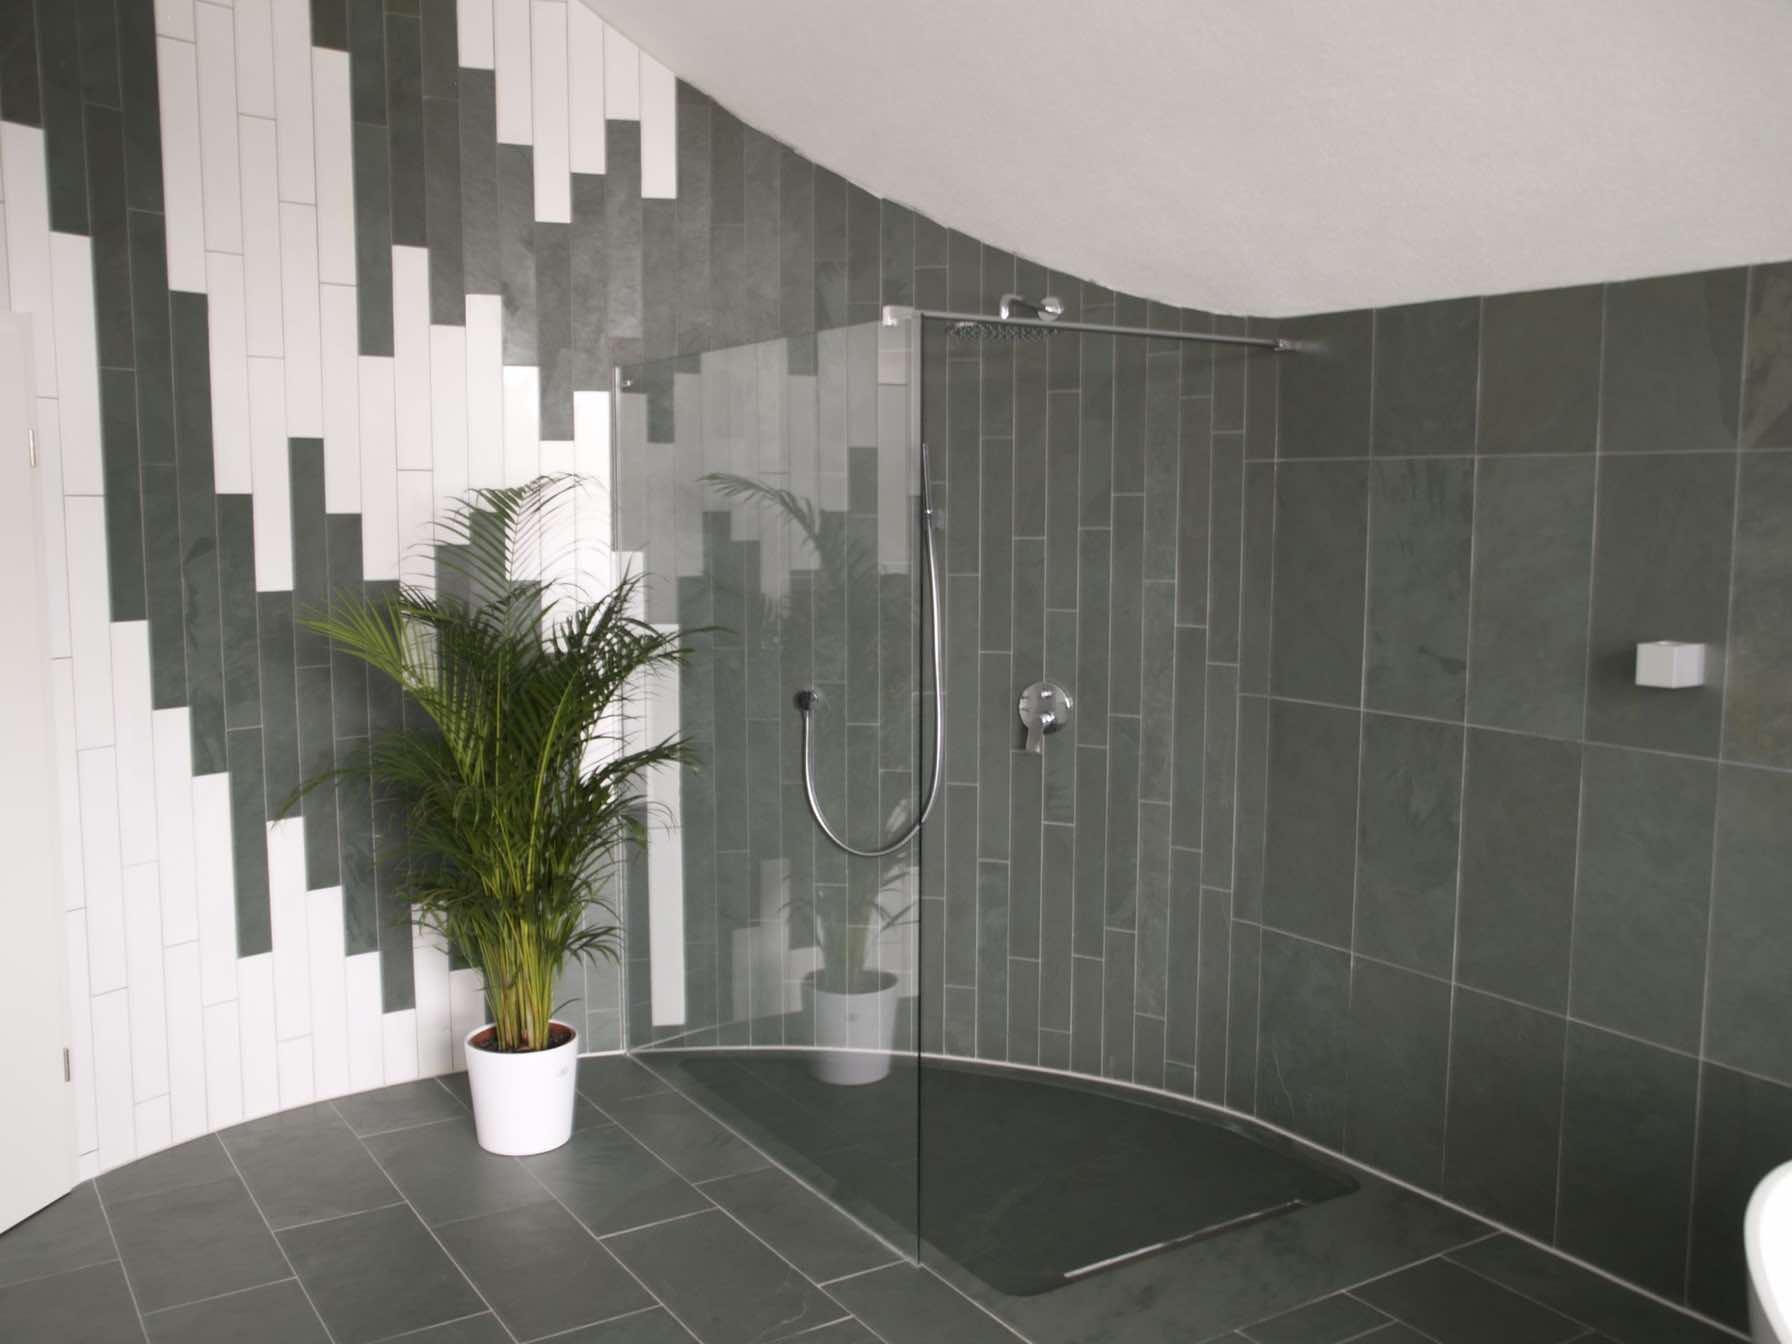 SCHIEFER | Schieferbäder | Bad | Dusche | Schieferdusche |Galerie